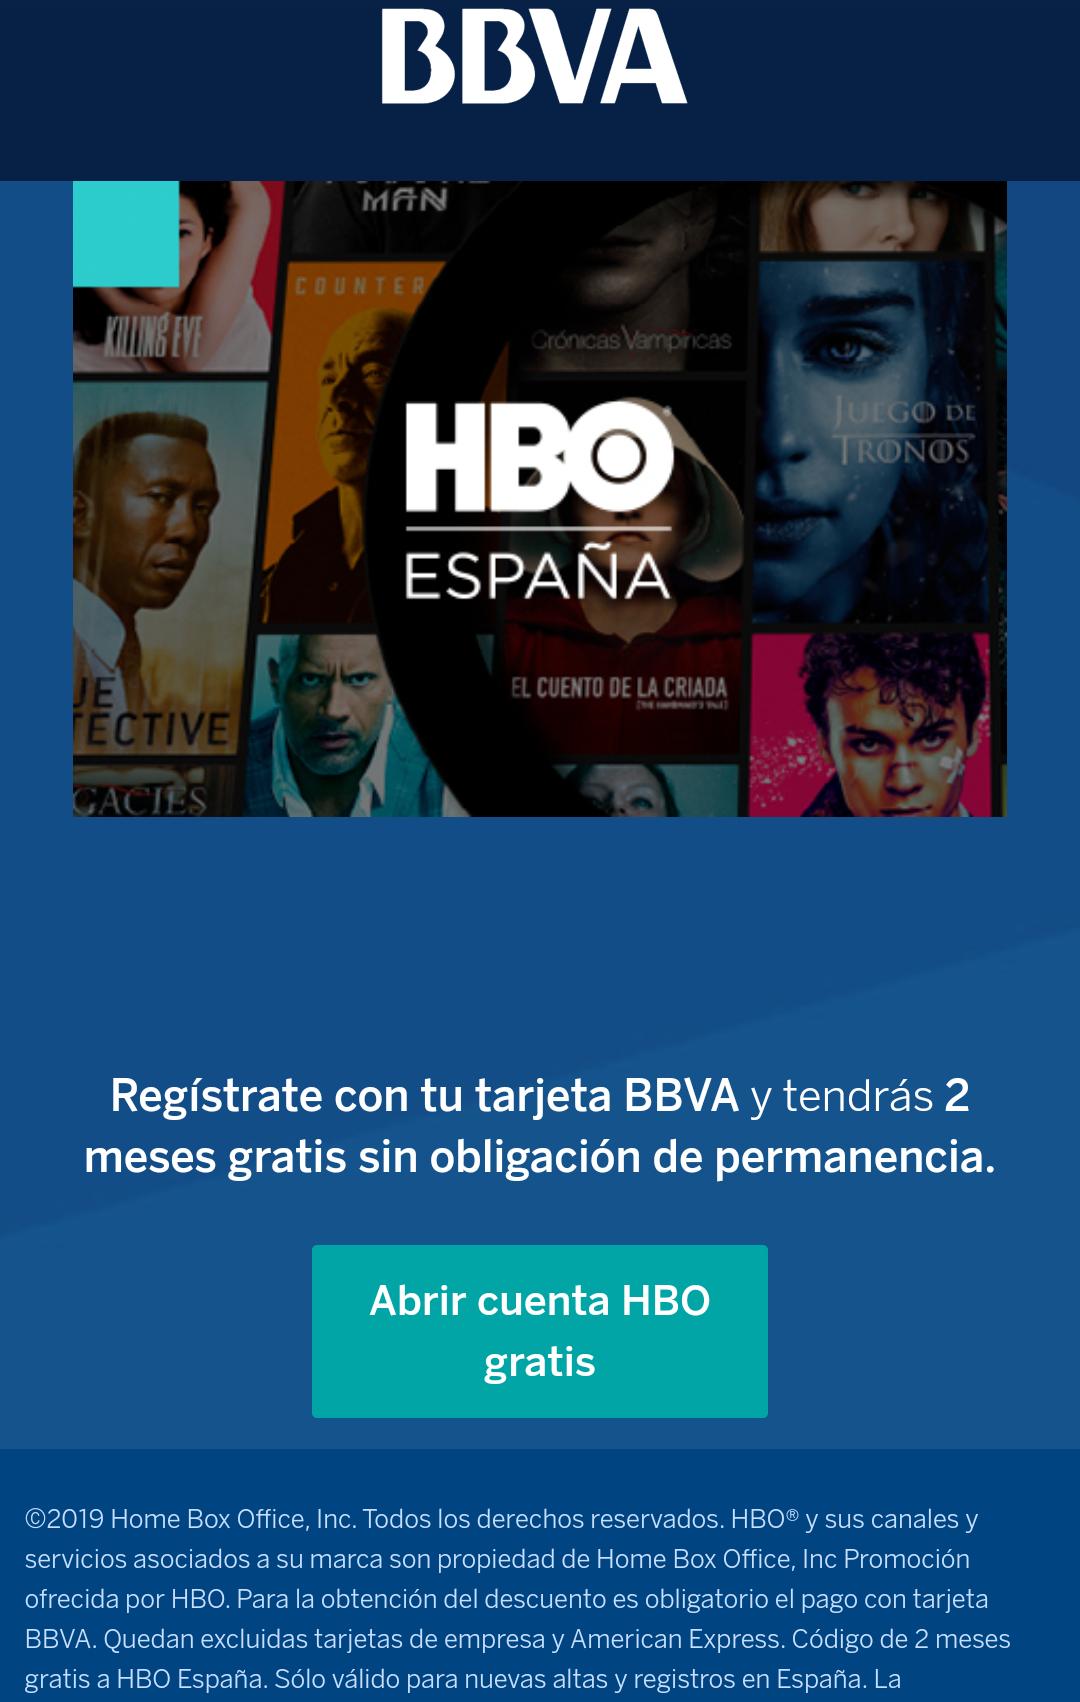 2 meses gratis de HBO